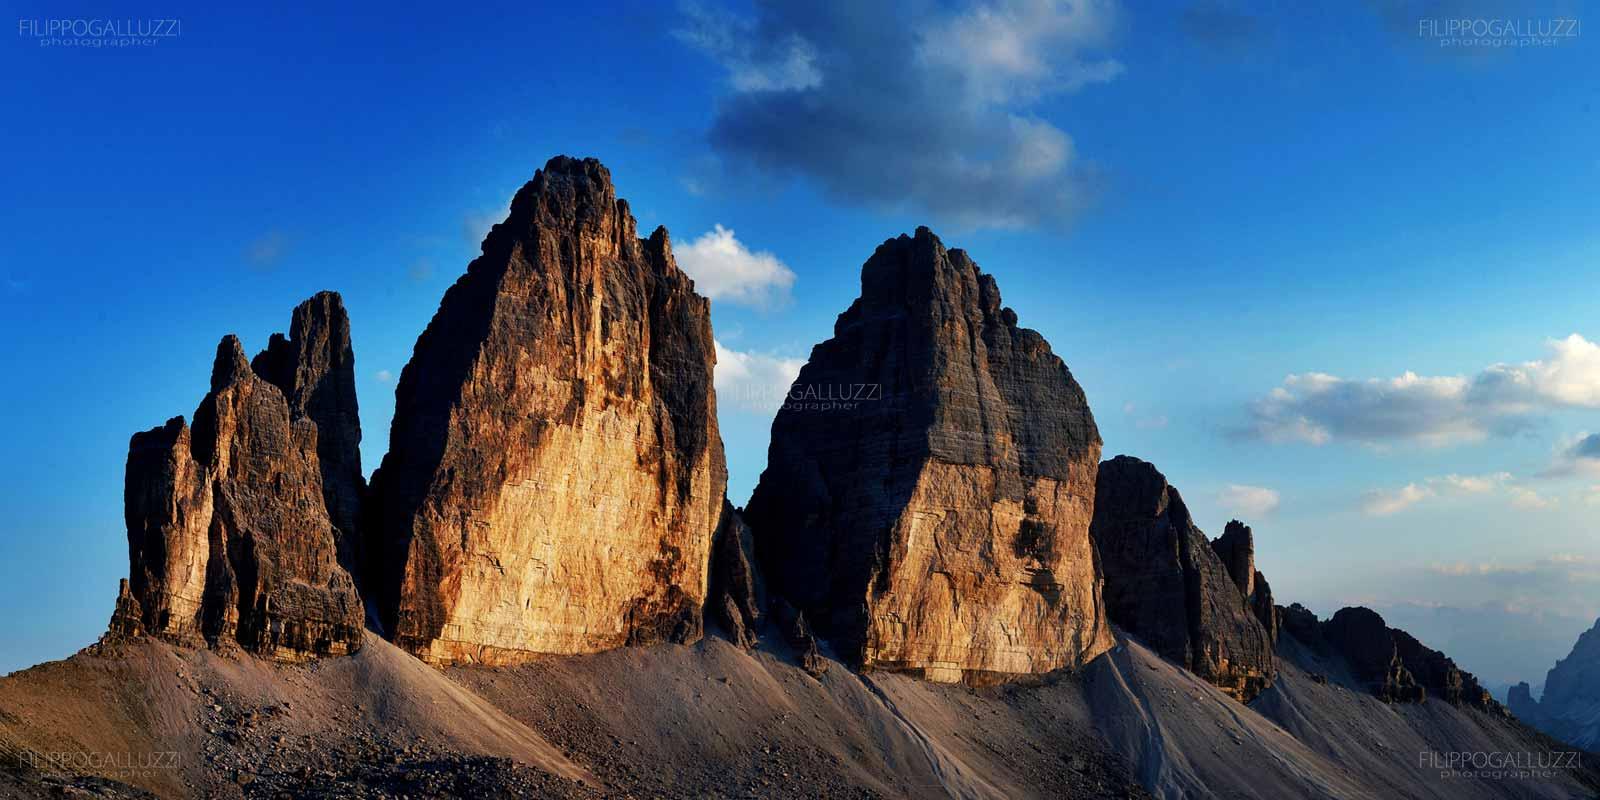 Tre cime di Lavaredo, Trei zinnen